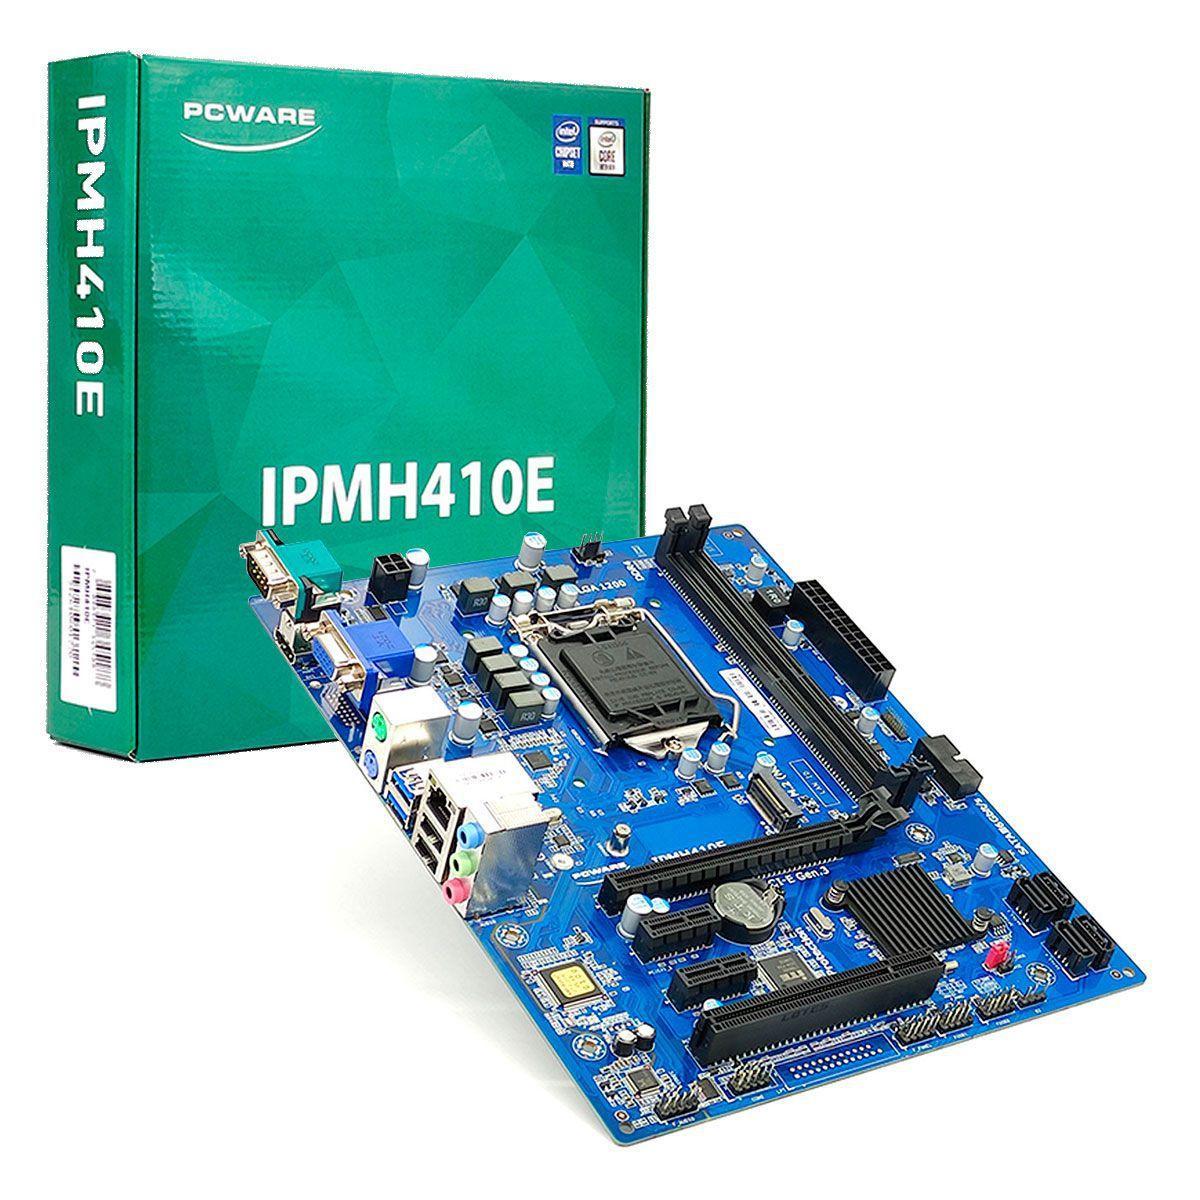 Placa Mãe PCWare IPMH410E Intel 10ª Geração, LGA 1200, DDR4